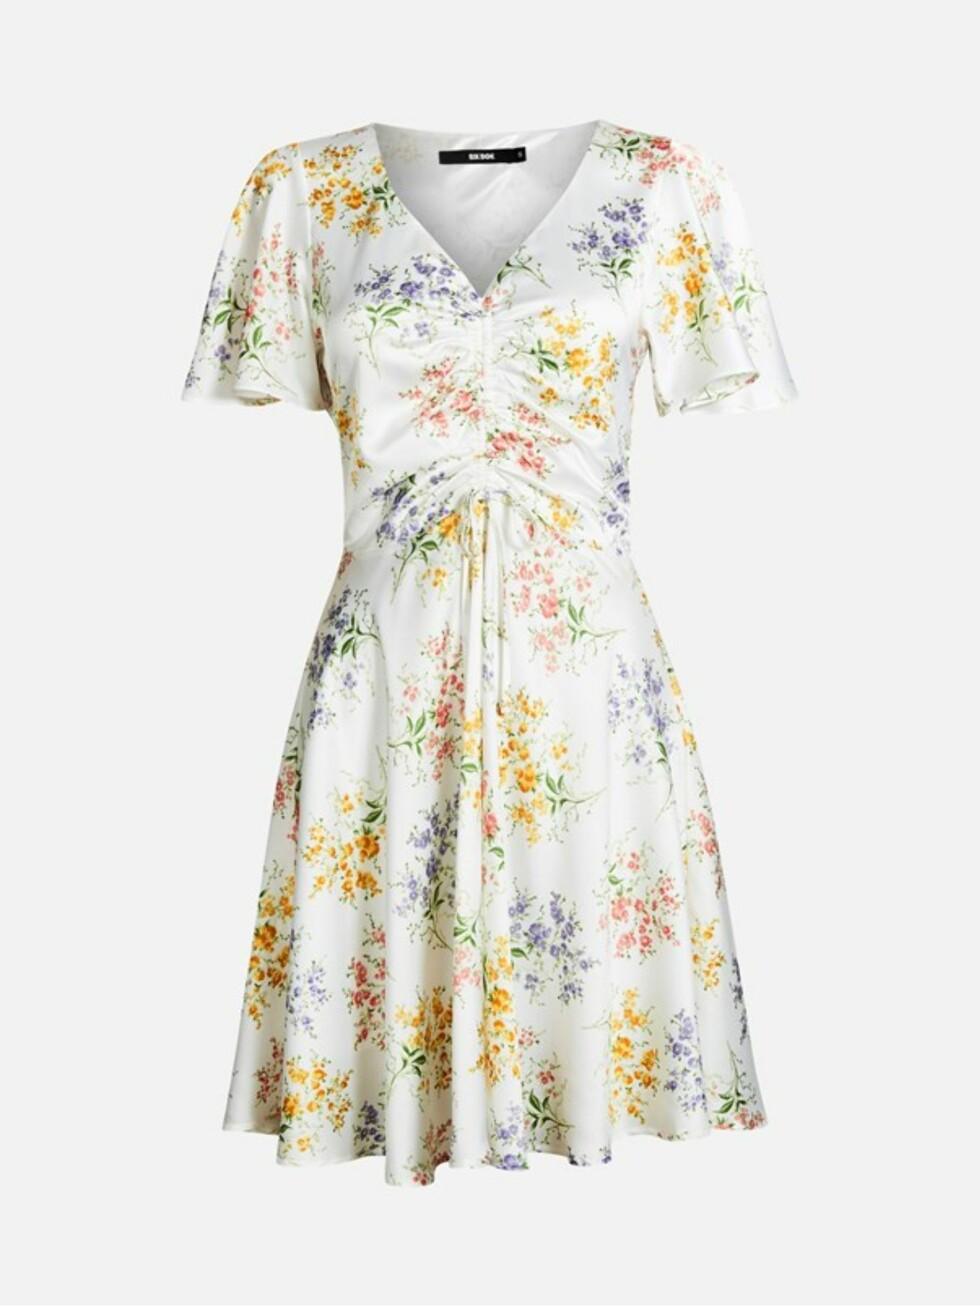 Kjole fra Bik Bok |350,-| https://bikbok.com/no/p/kjoler/jennifer-kjole/7218245_F001